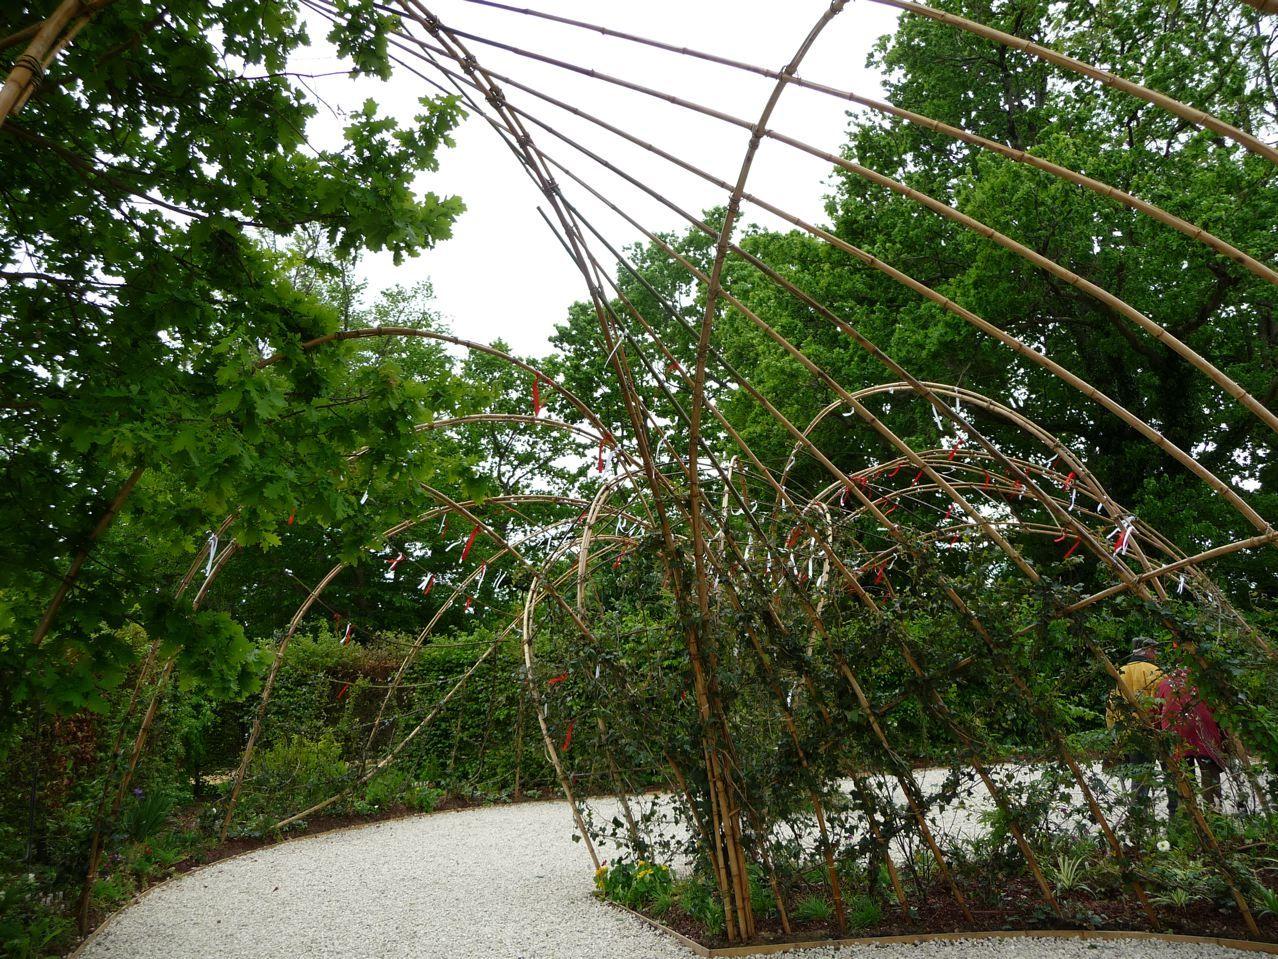 Festival Des Jardins Chaumont Sur Loire 2009 25 raisons de voir le festival des jardins de chaumont-sur